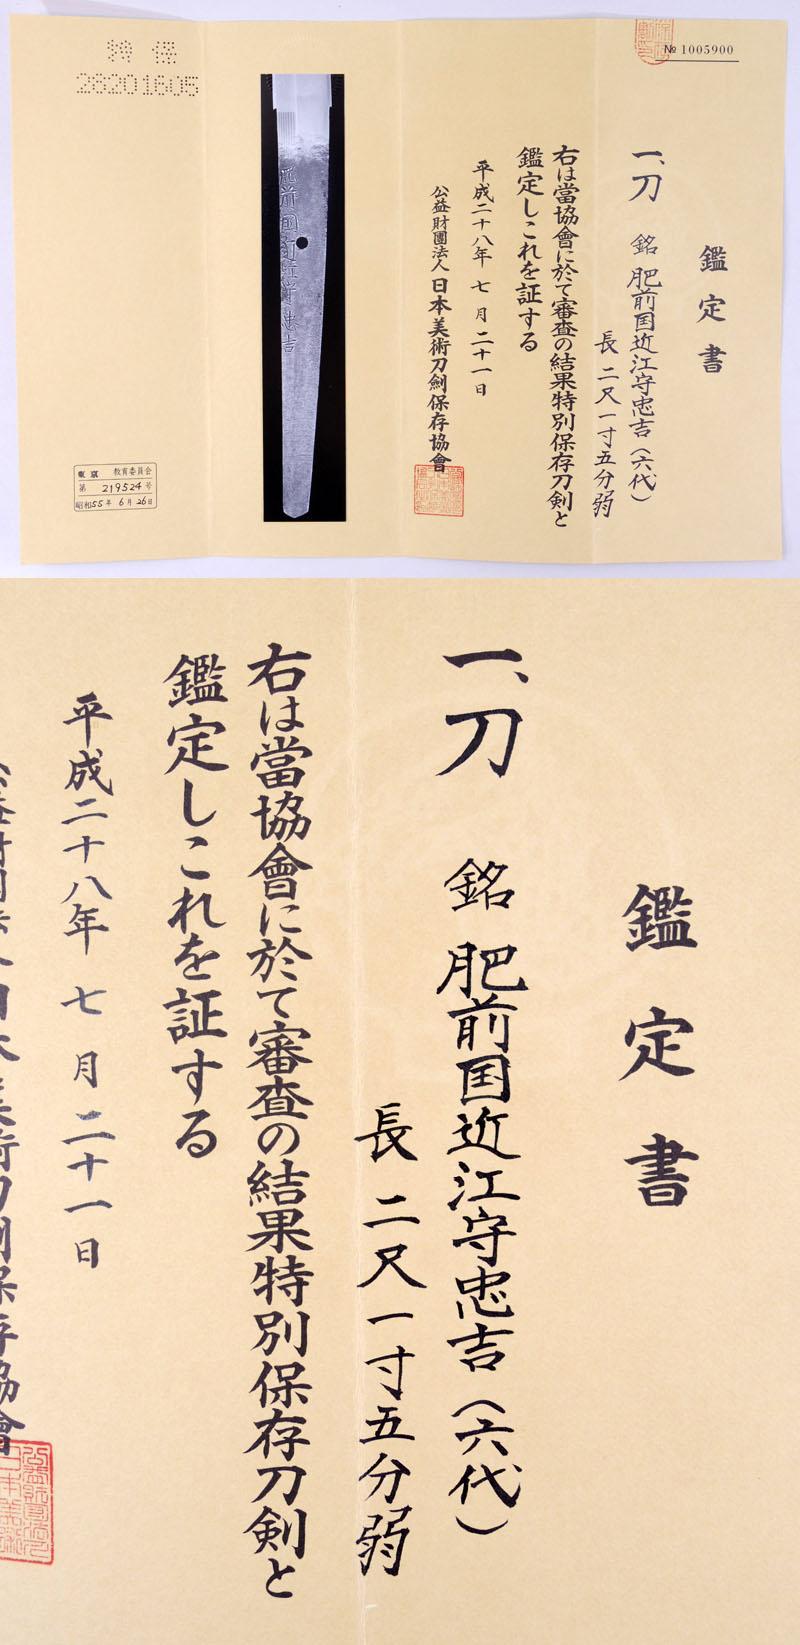 肥前国近江守忠吉(六代) Picture of Certificate